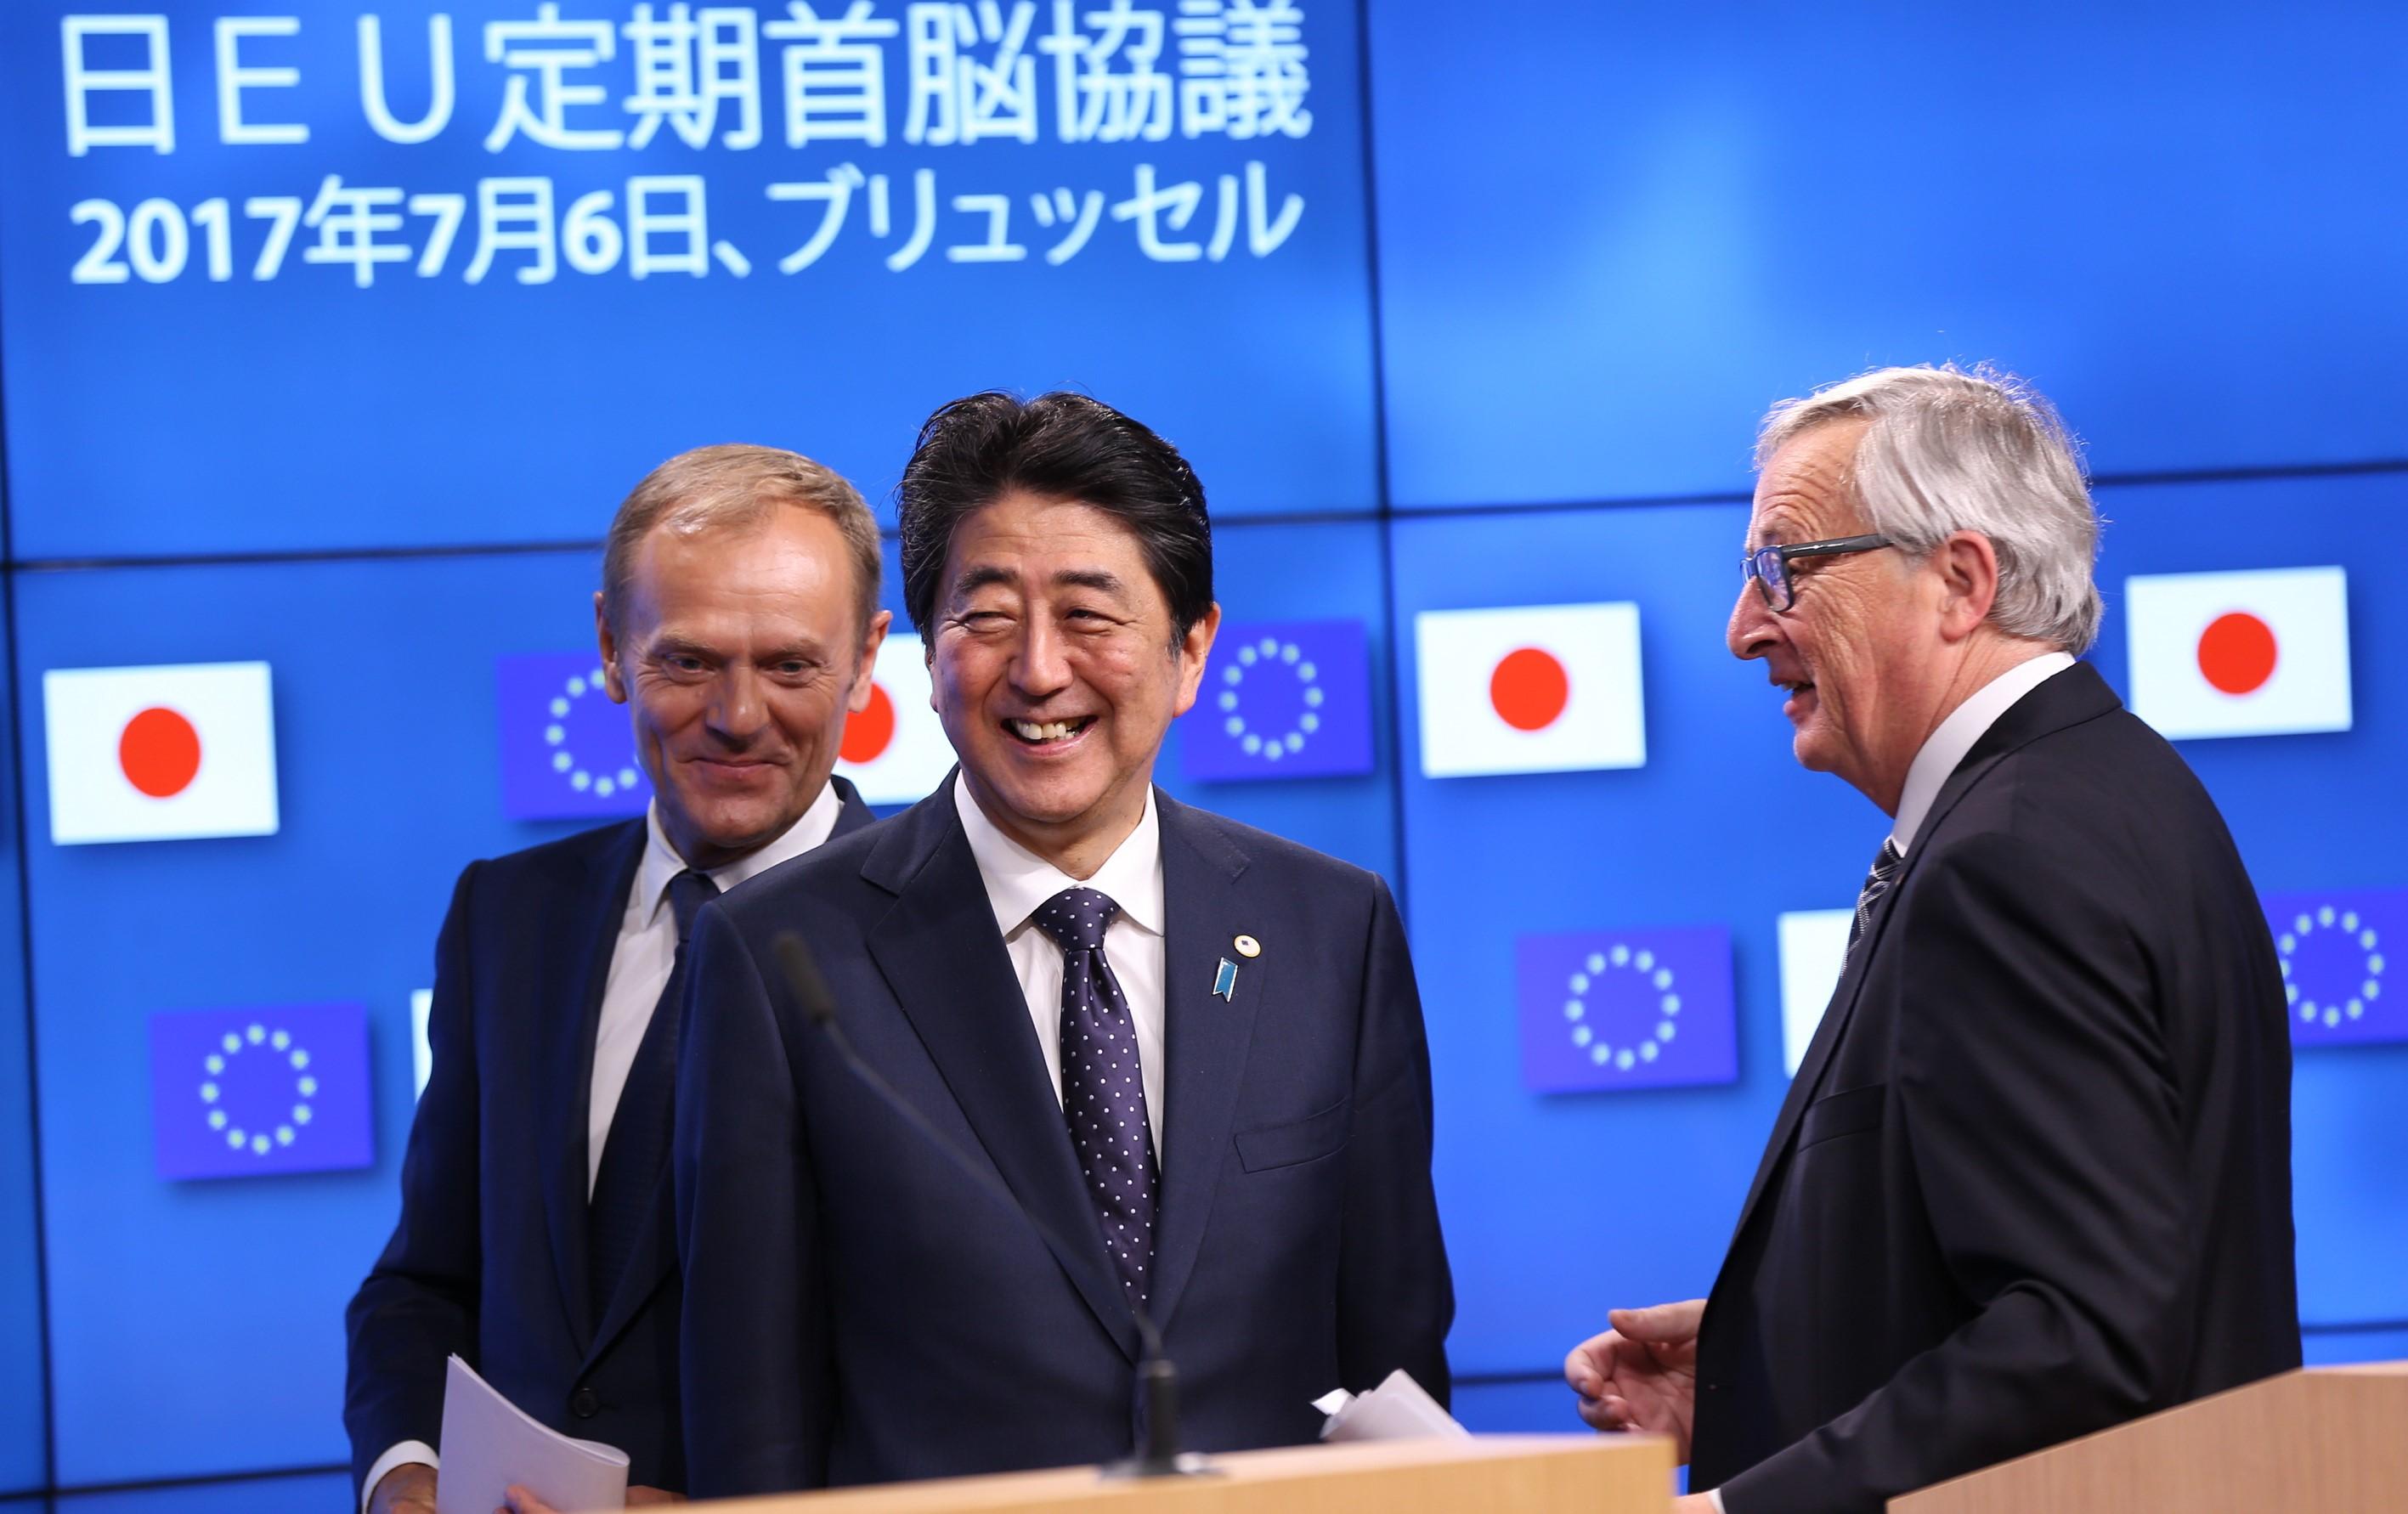 EU - Japan Summit in Brussels